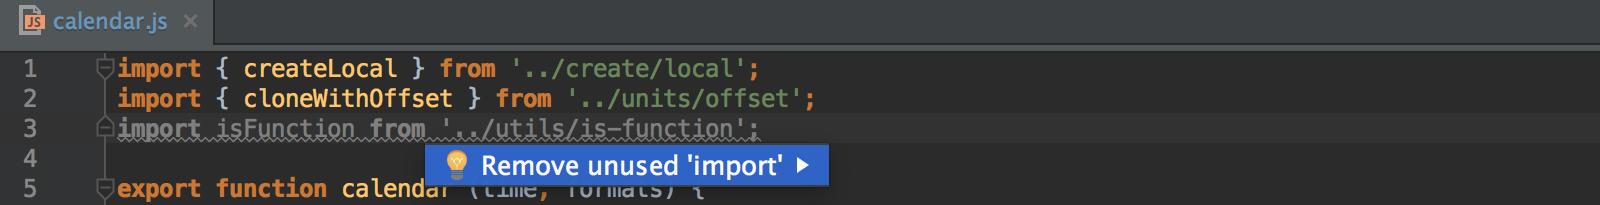 remove-unused-import